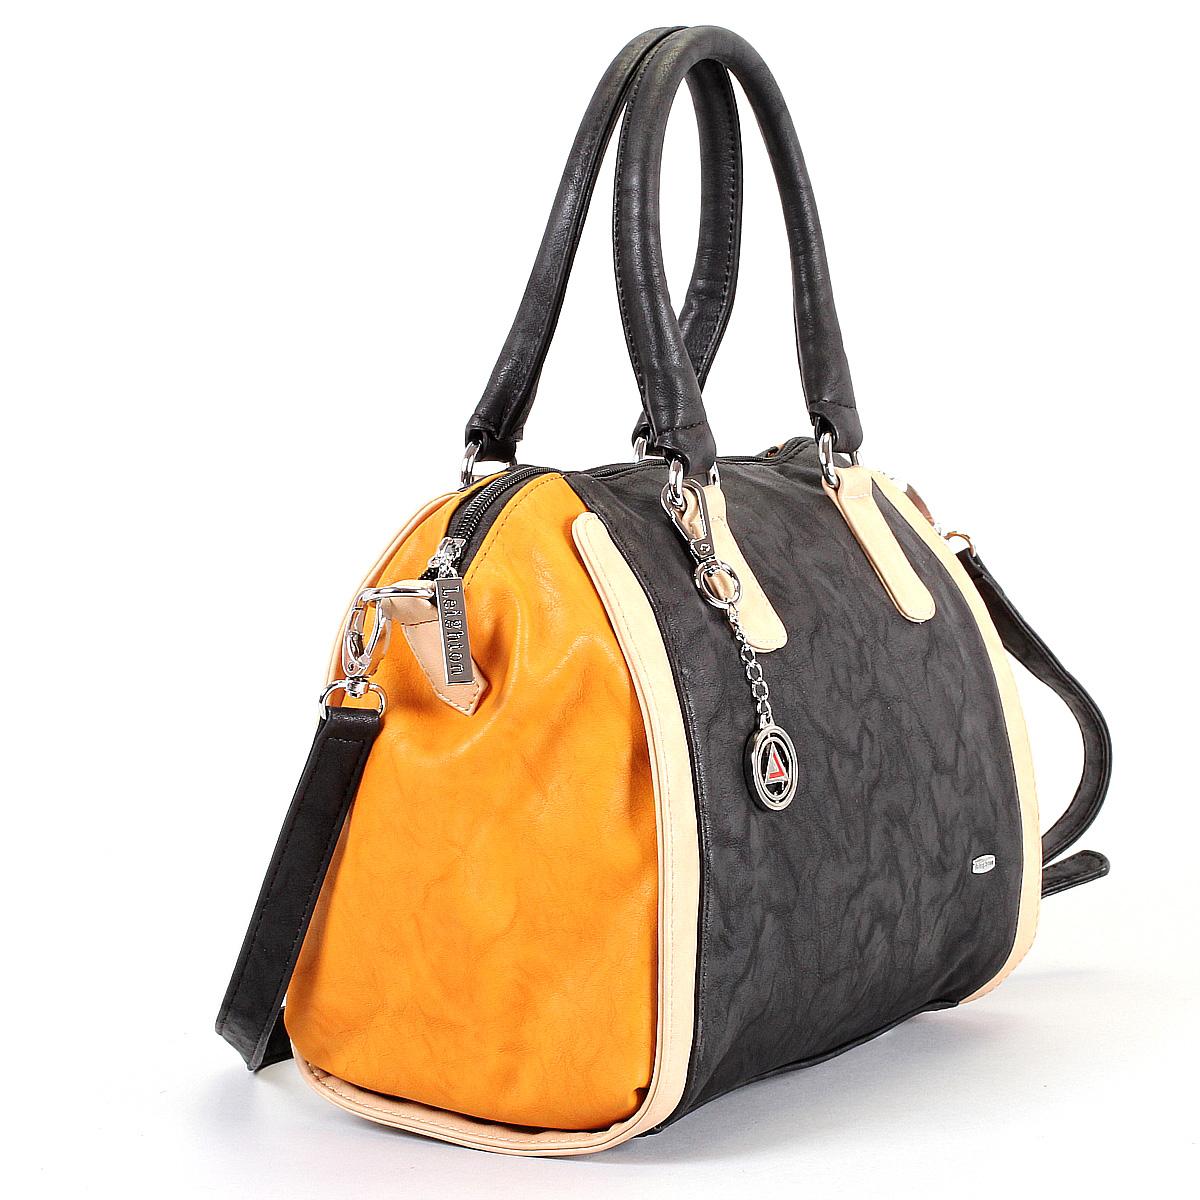 Сумка женская Leighton, цвет: черный, бежевый, горчичный. 570442-6090/1112/811/1112/911 ( 570442-6090/1112/811/1112 )